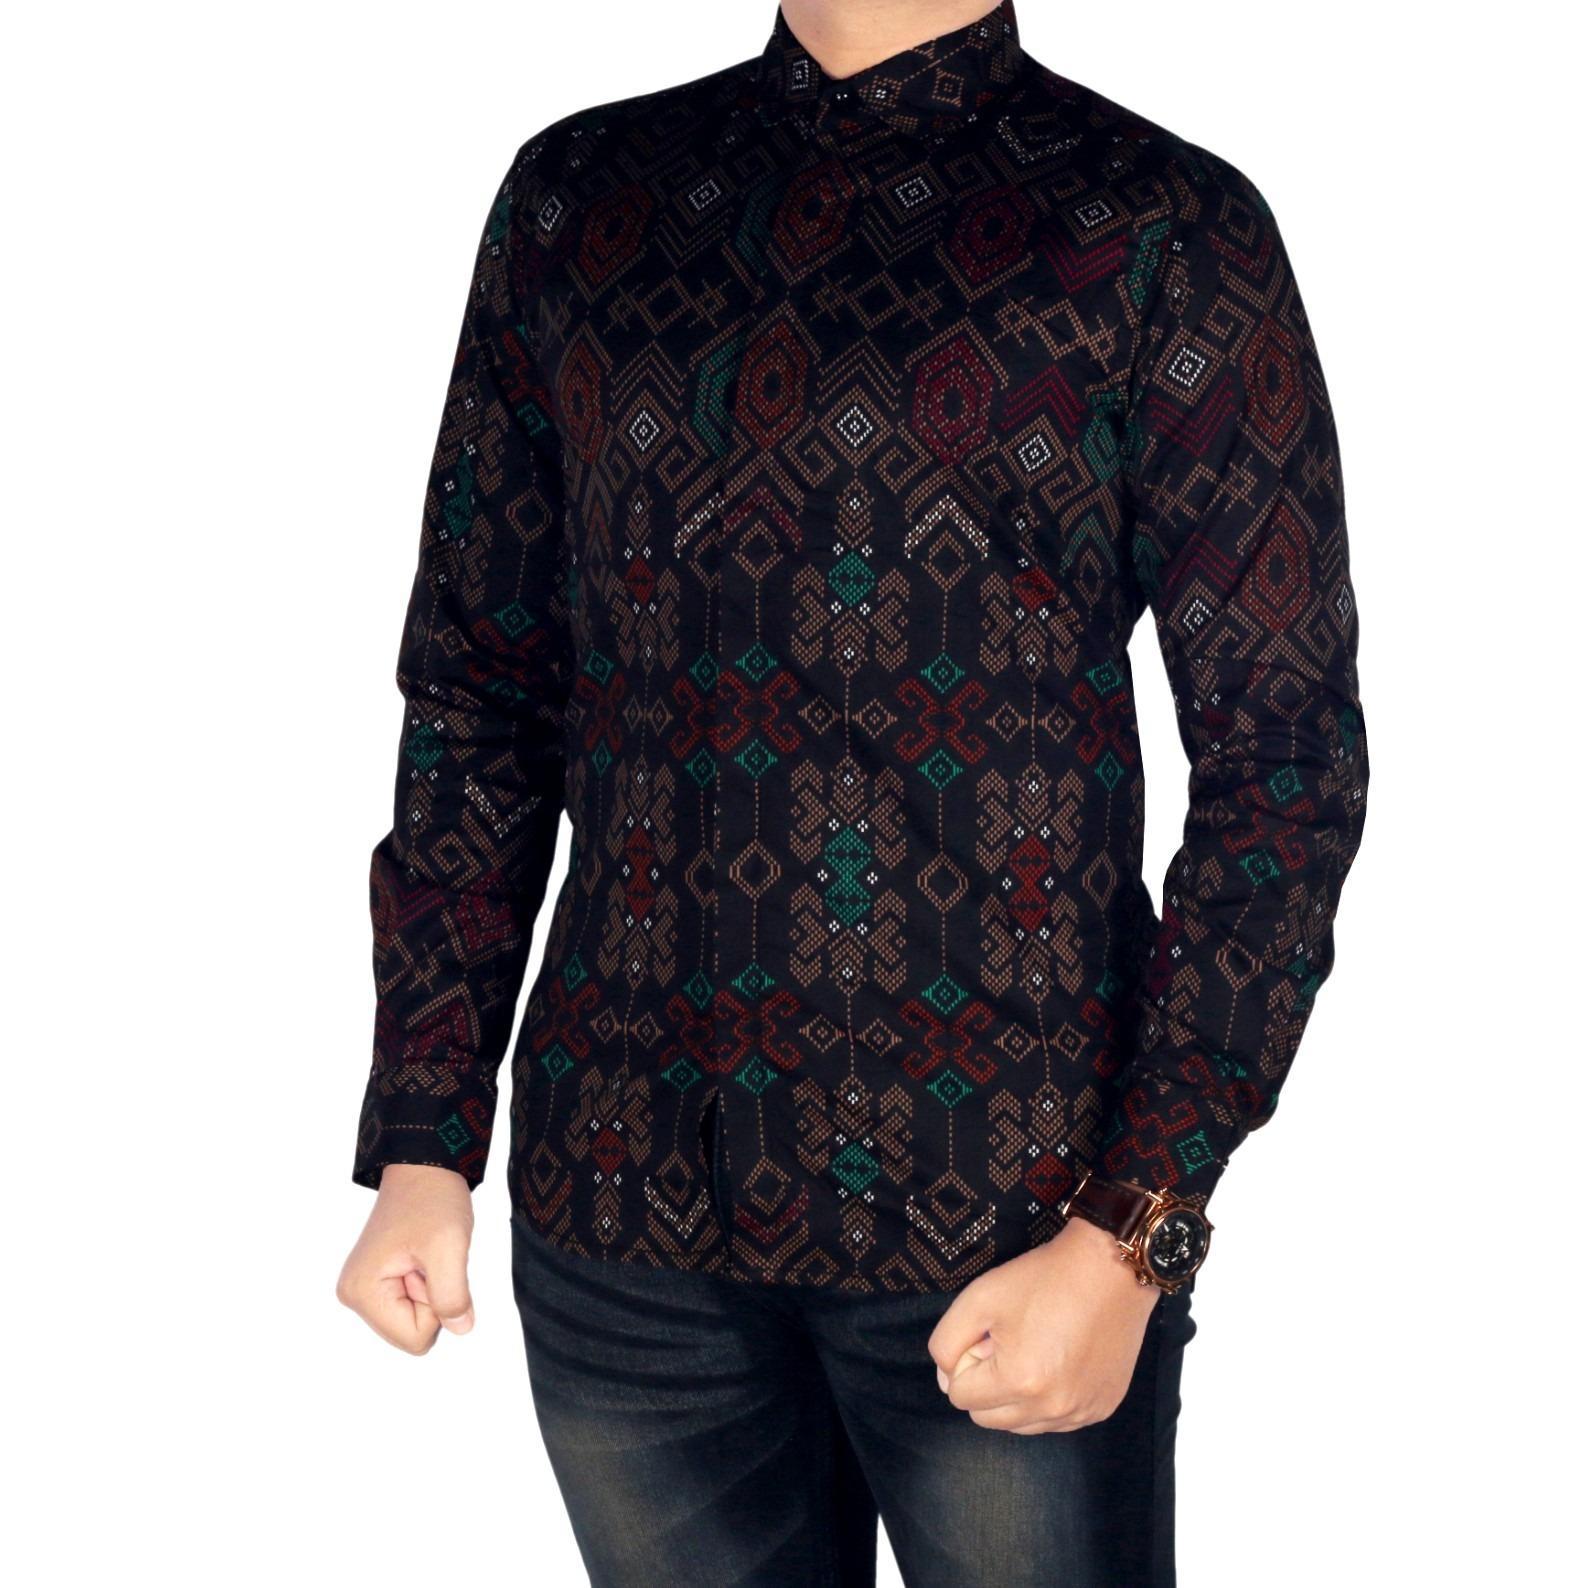 BSG_Fashion1 Kemeja Pria Lengan Panjang Batik Songket/Kemeja Songket/Kemeja Batik/Kemeja HEM/Kemeja Motif/Kemeja Polos/Kemeja Casual/Kemeja Kantoran/Kemeja Pantai/Kemeja Jeans PN 5506